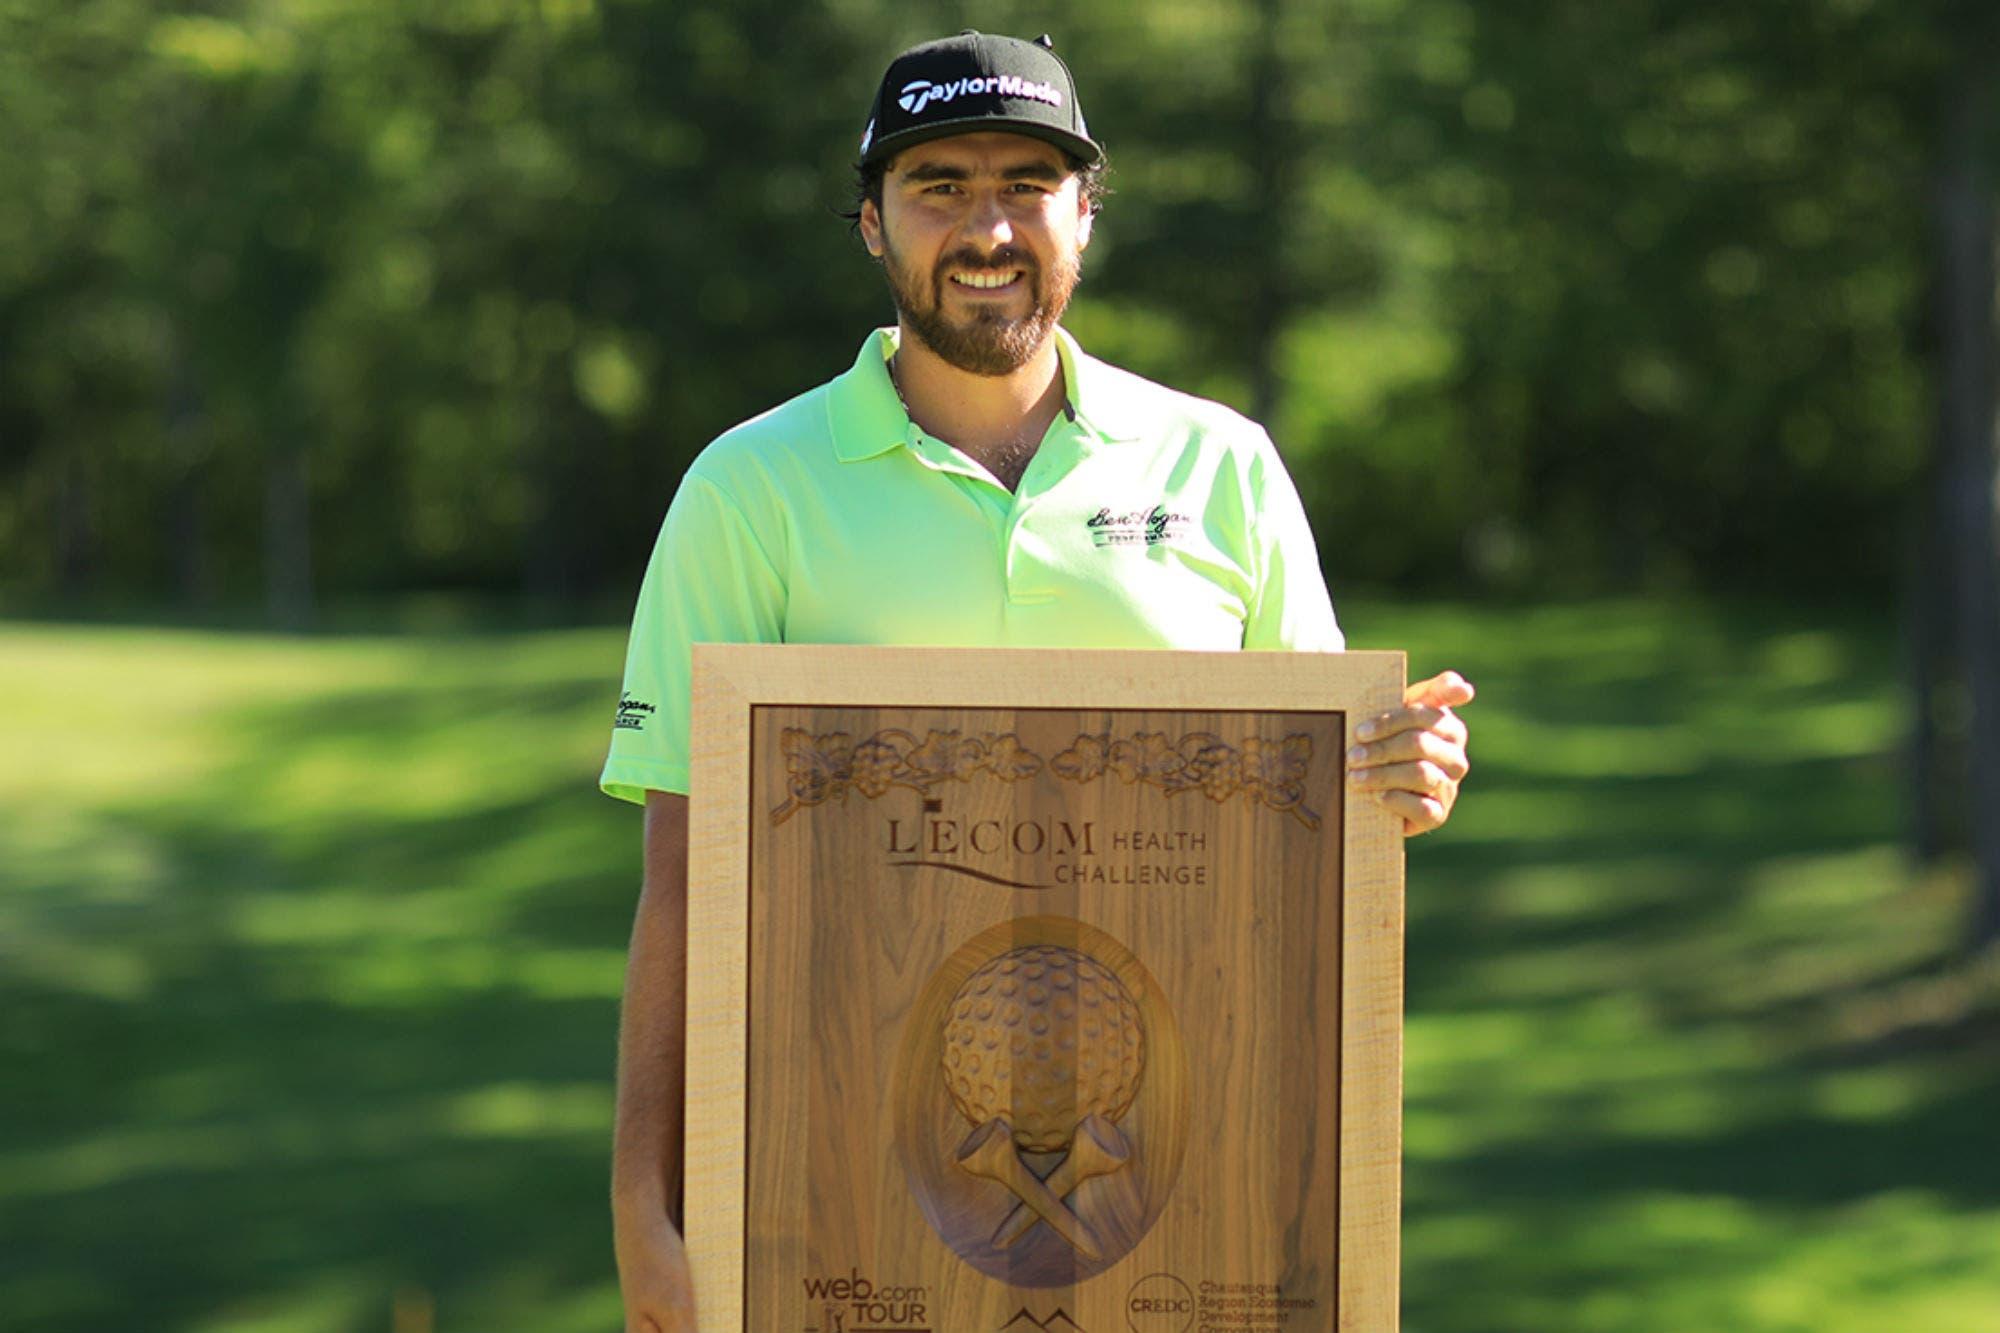 Un gran salto al sueño del PGA Tour: el tucumano Nelson Ledesma ganó su primer título en el Web.Com